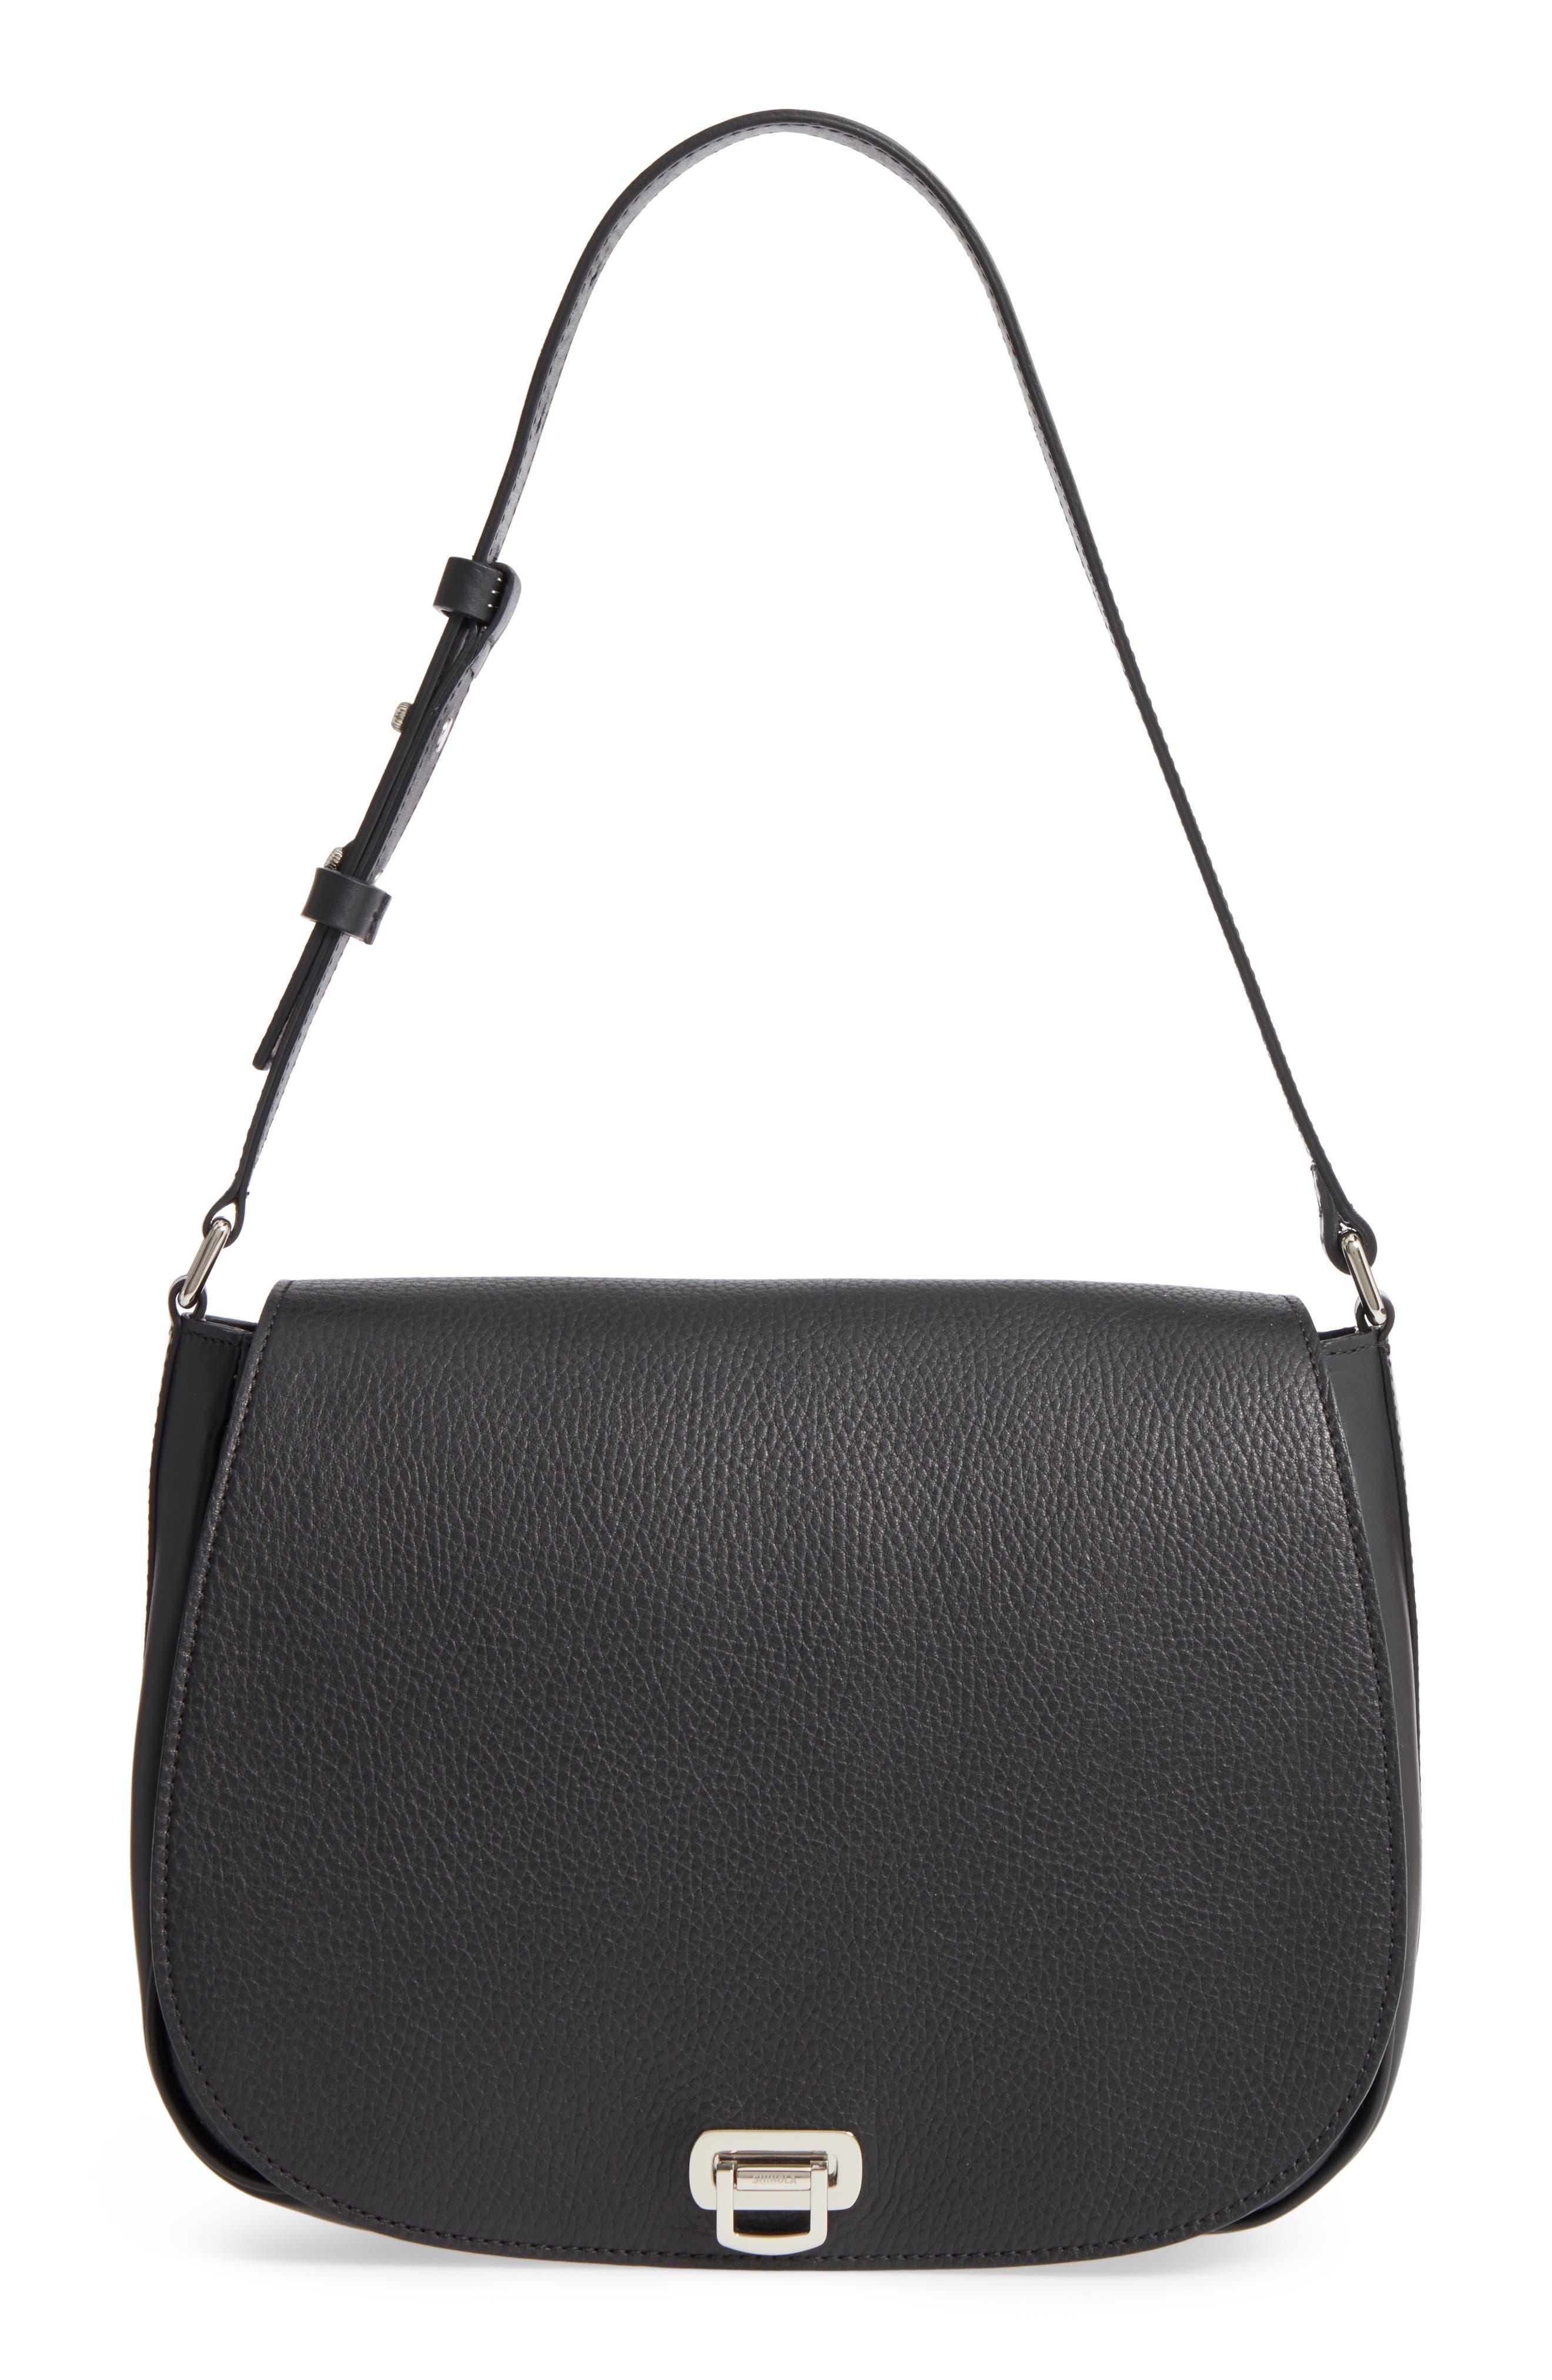 Calfskin Leather Shoulder Bag,                             Main thumbnail 1, color,                             001